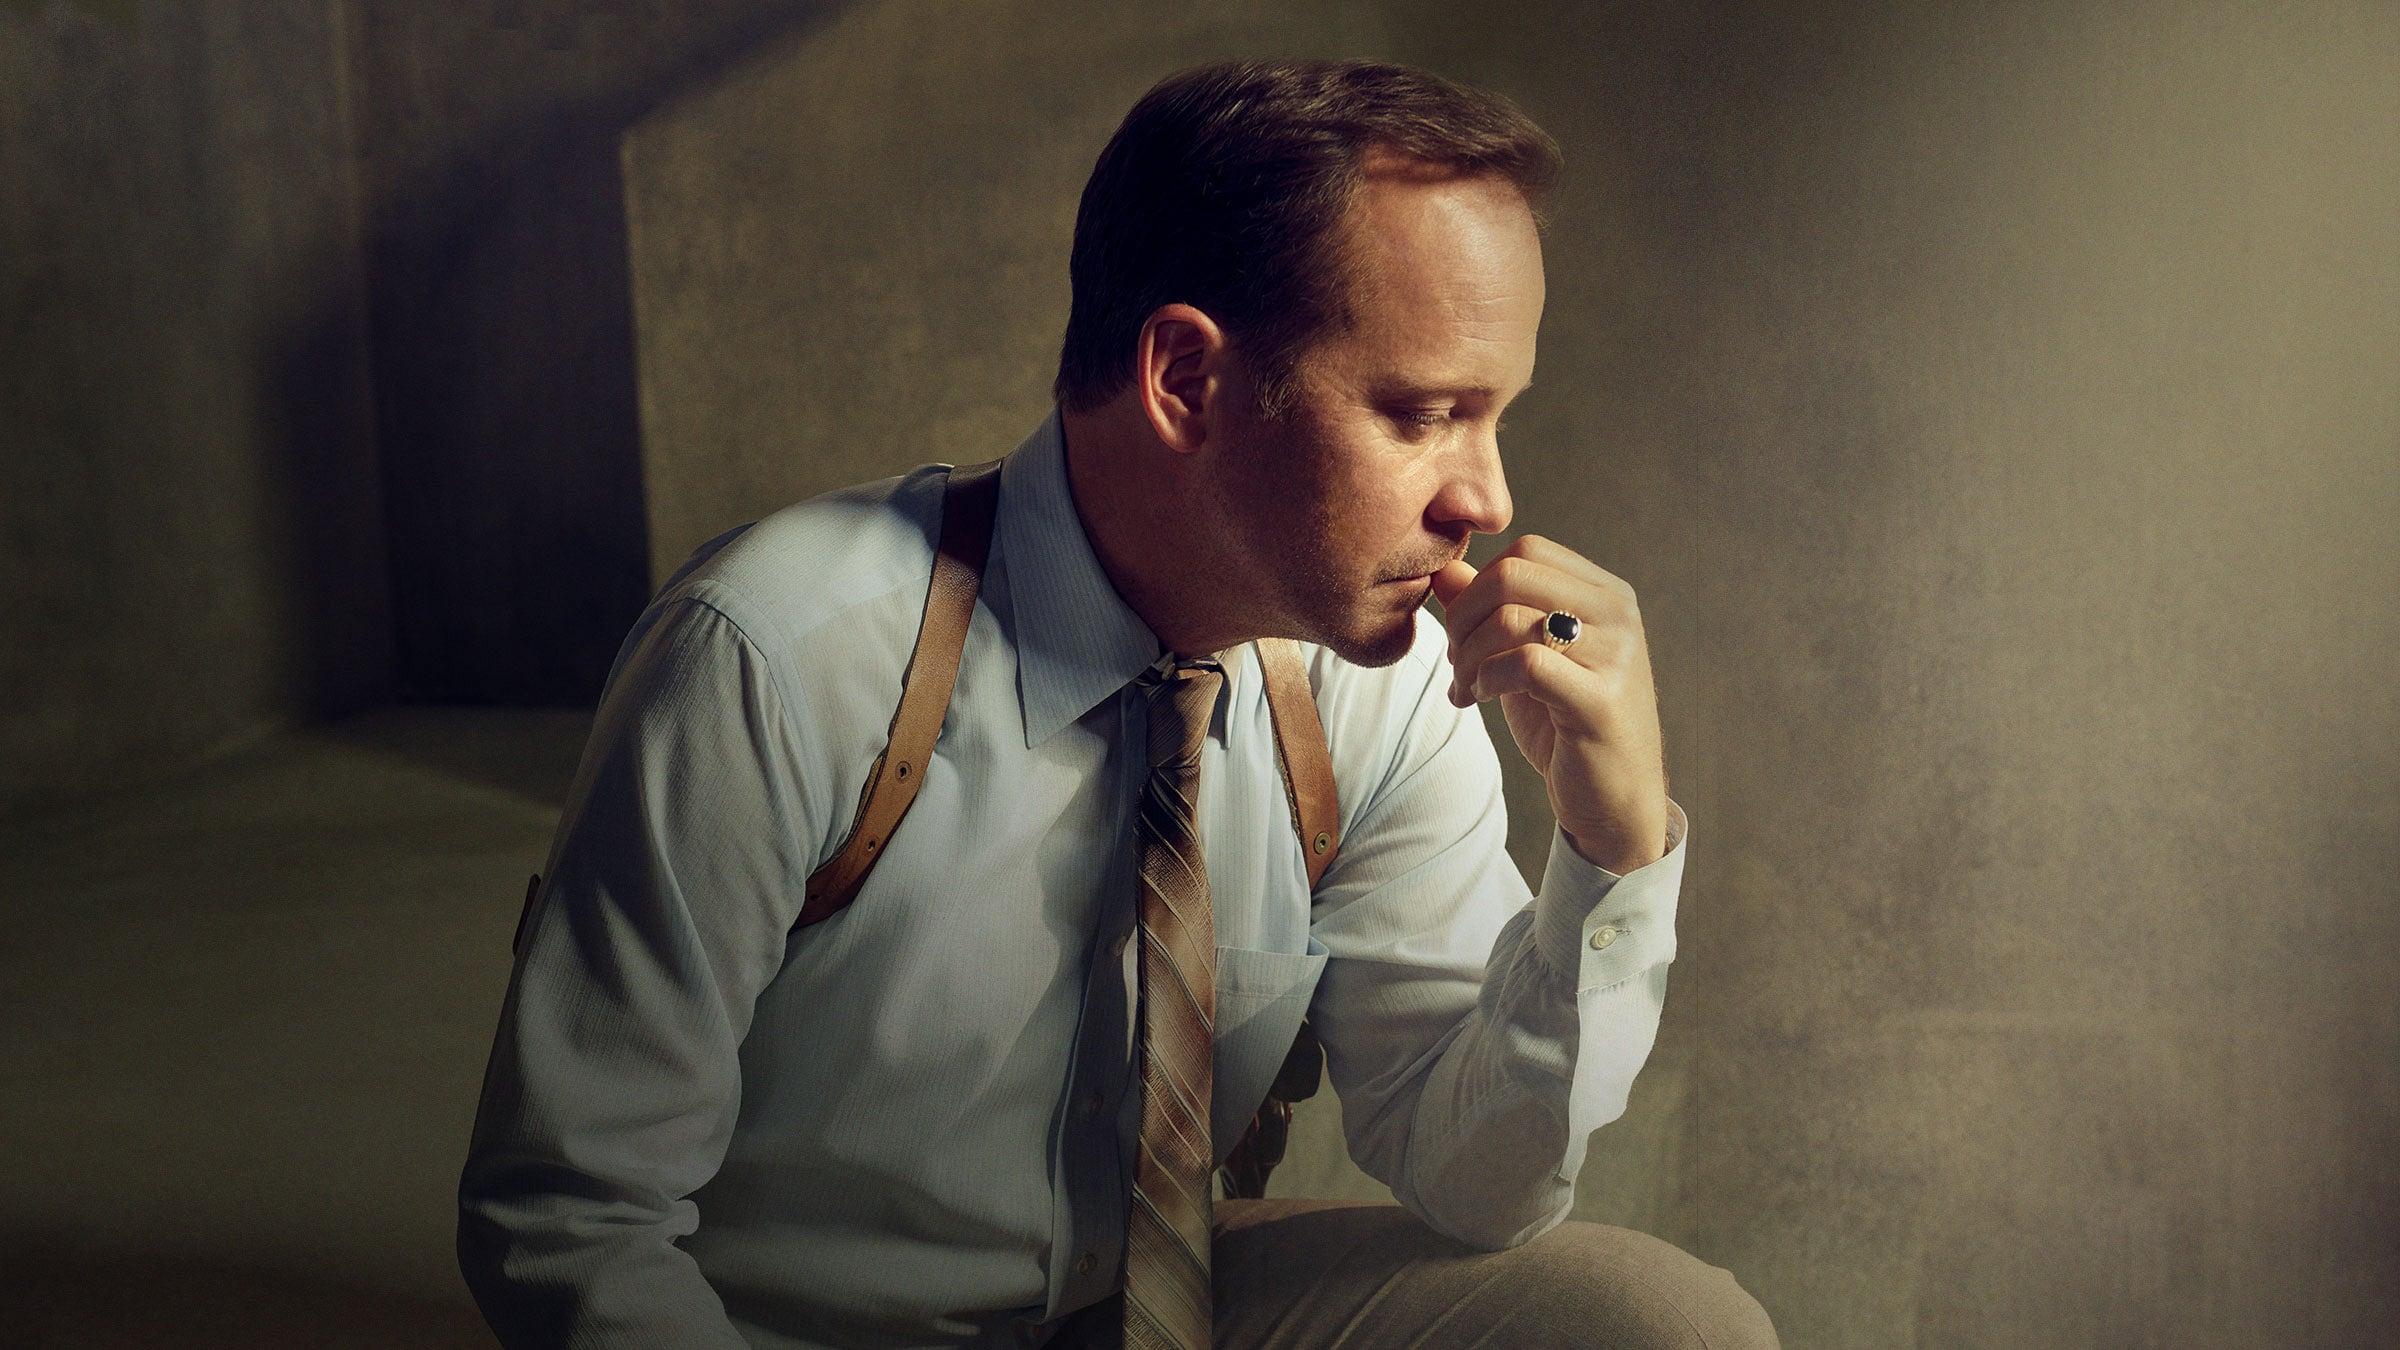 Сериал «Допрос» решили закрыть после первого сезона